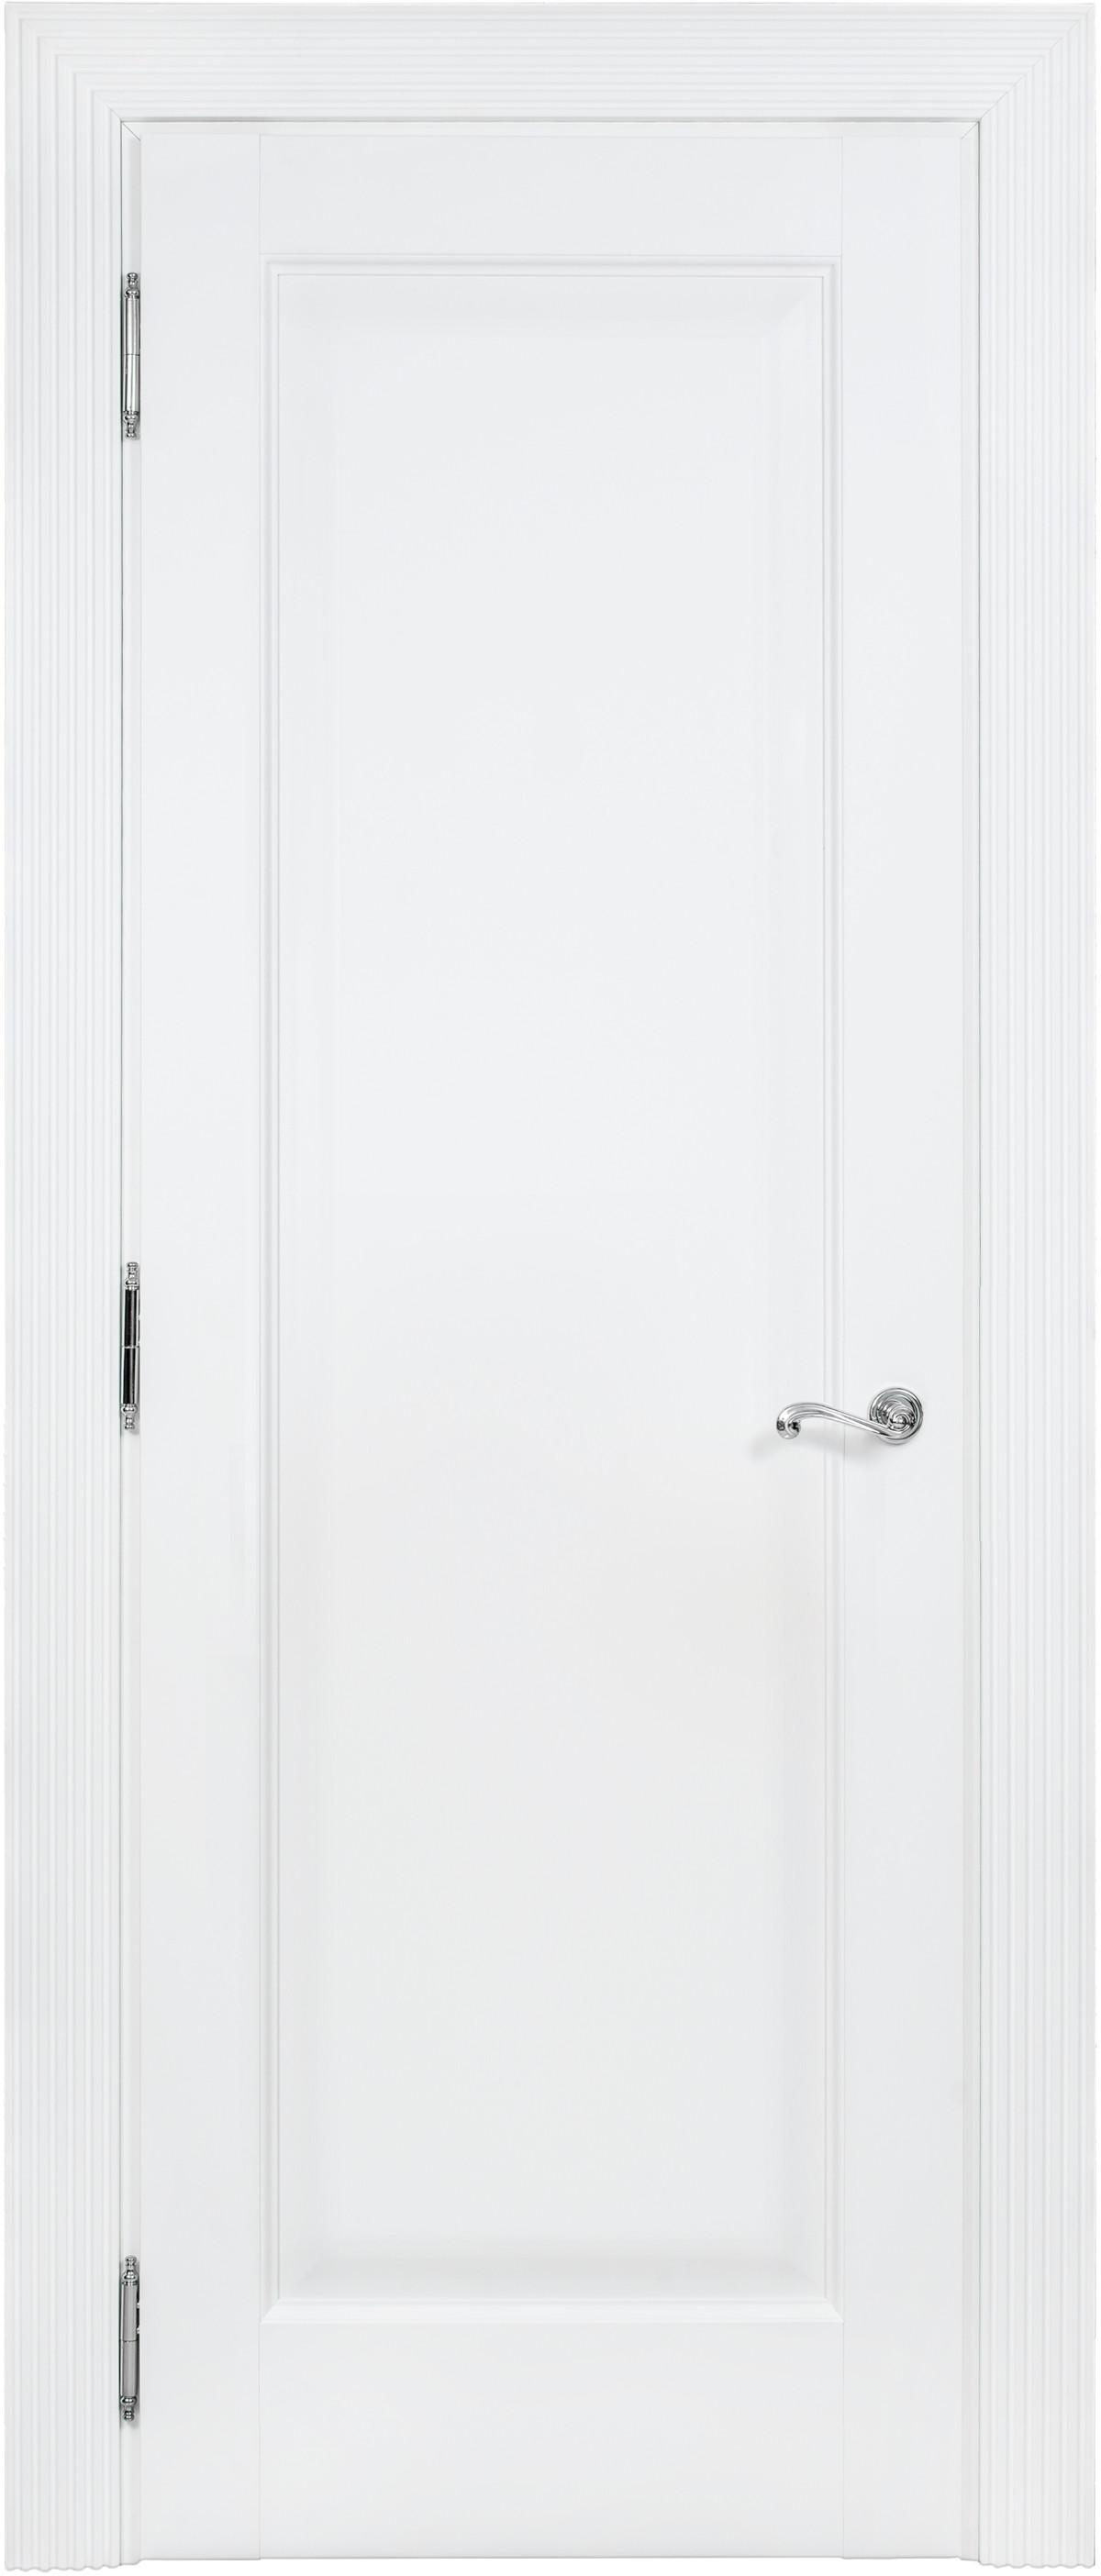 Белые межкомнатные классические двери Academia 1F